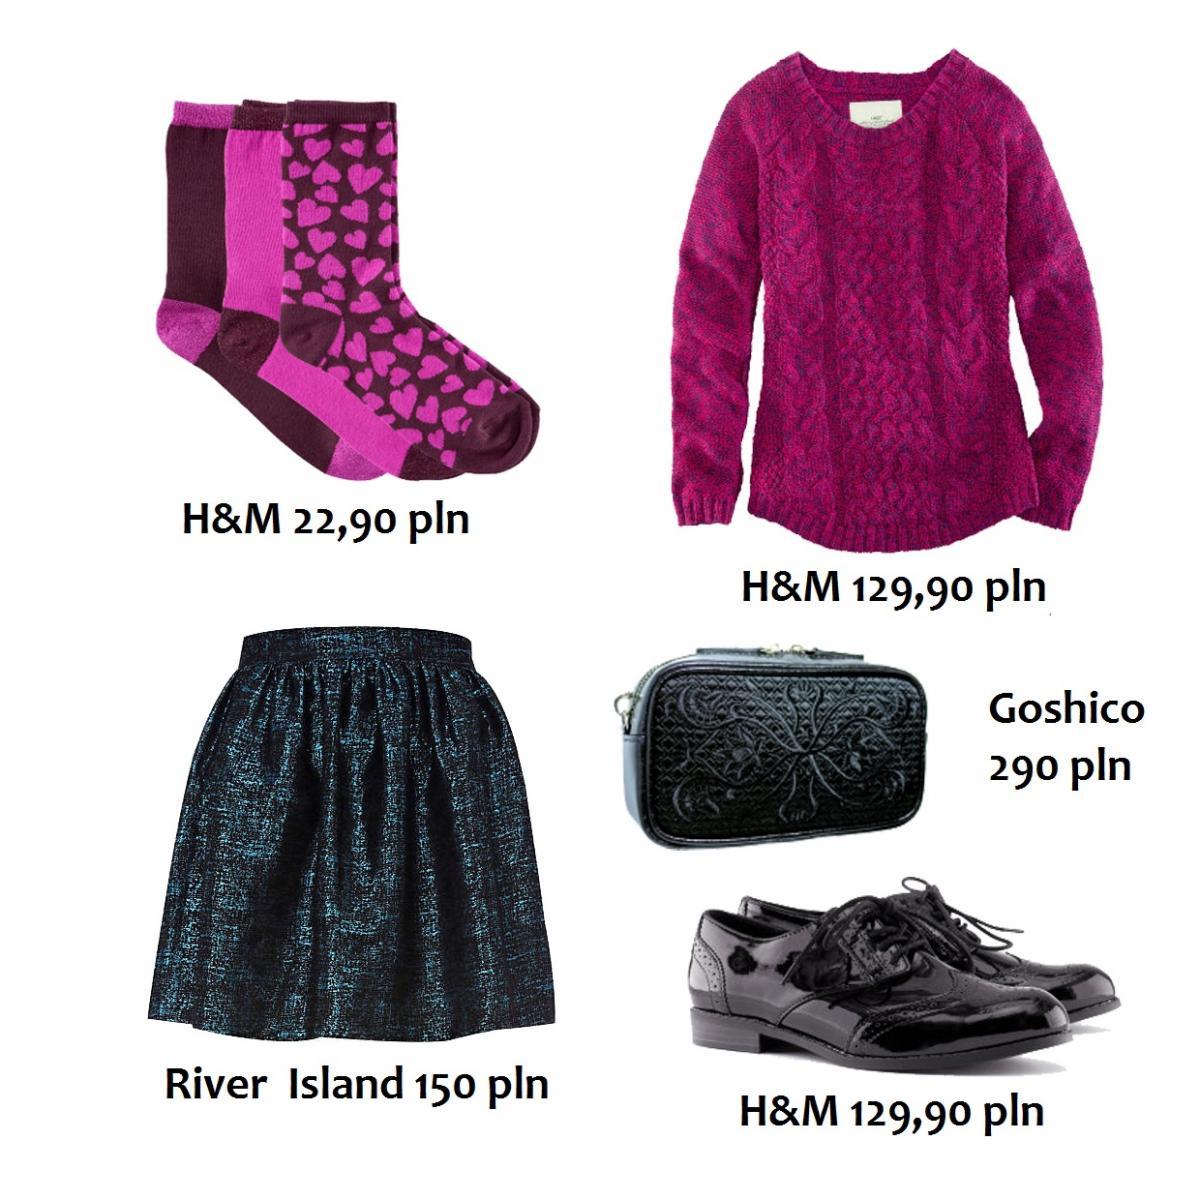 Różowy sweterek w roli głównej - stylizacje na jesień 2012